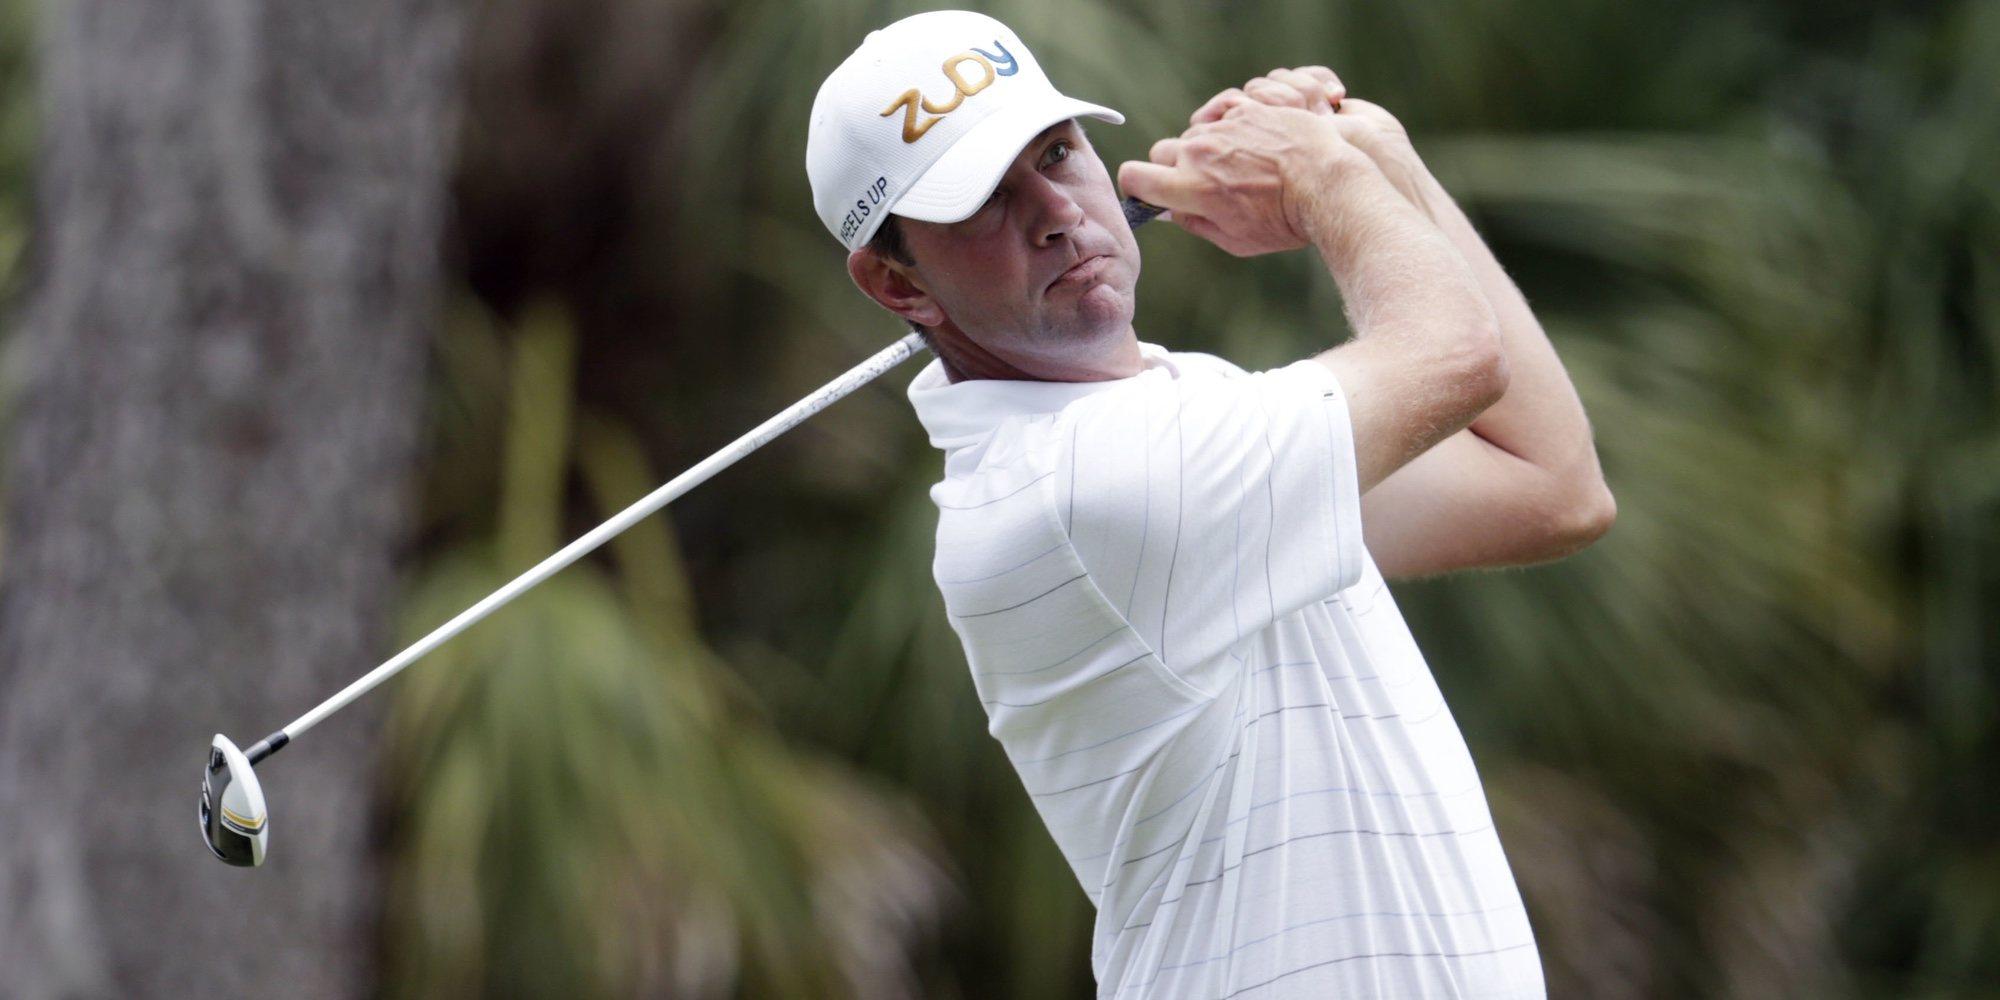 Detenida la mujer del golfista Lucas Glover por agredirle tras caer eliminado en un torneo